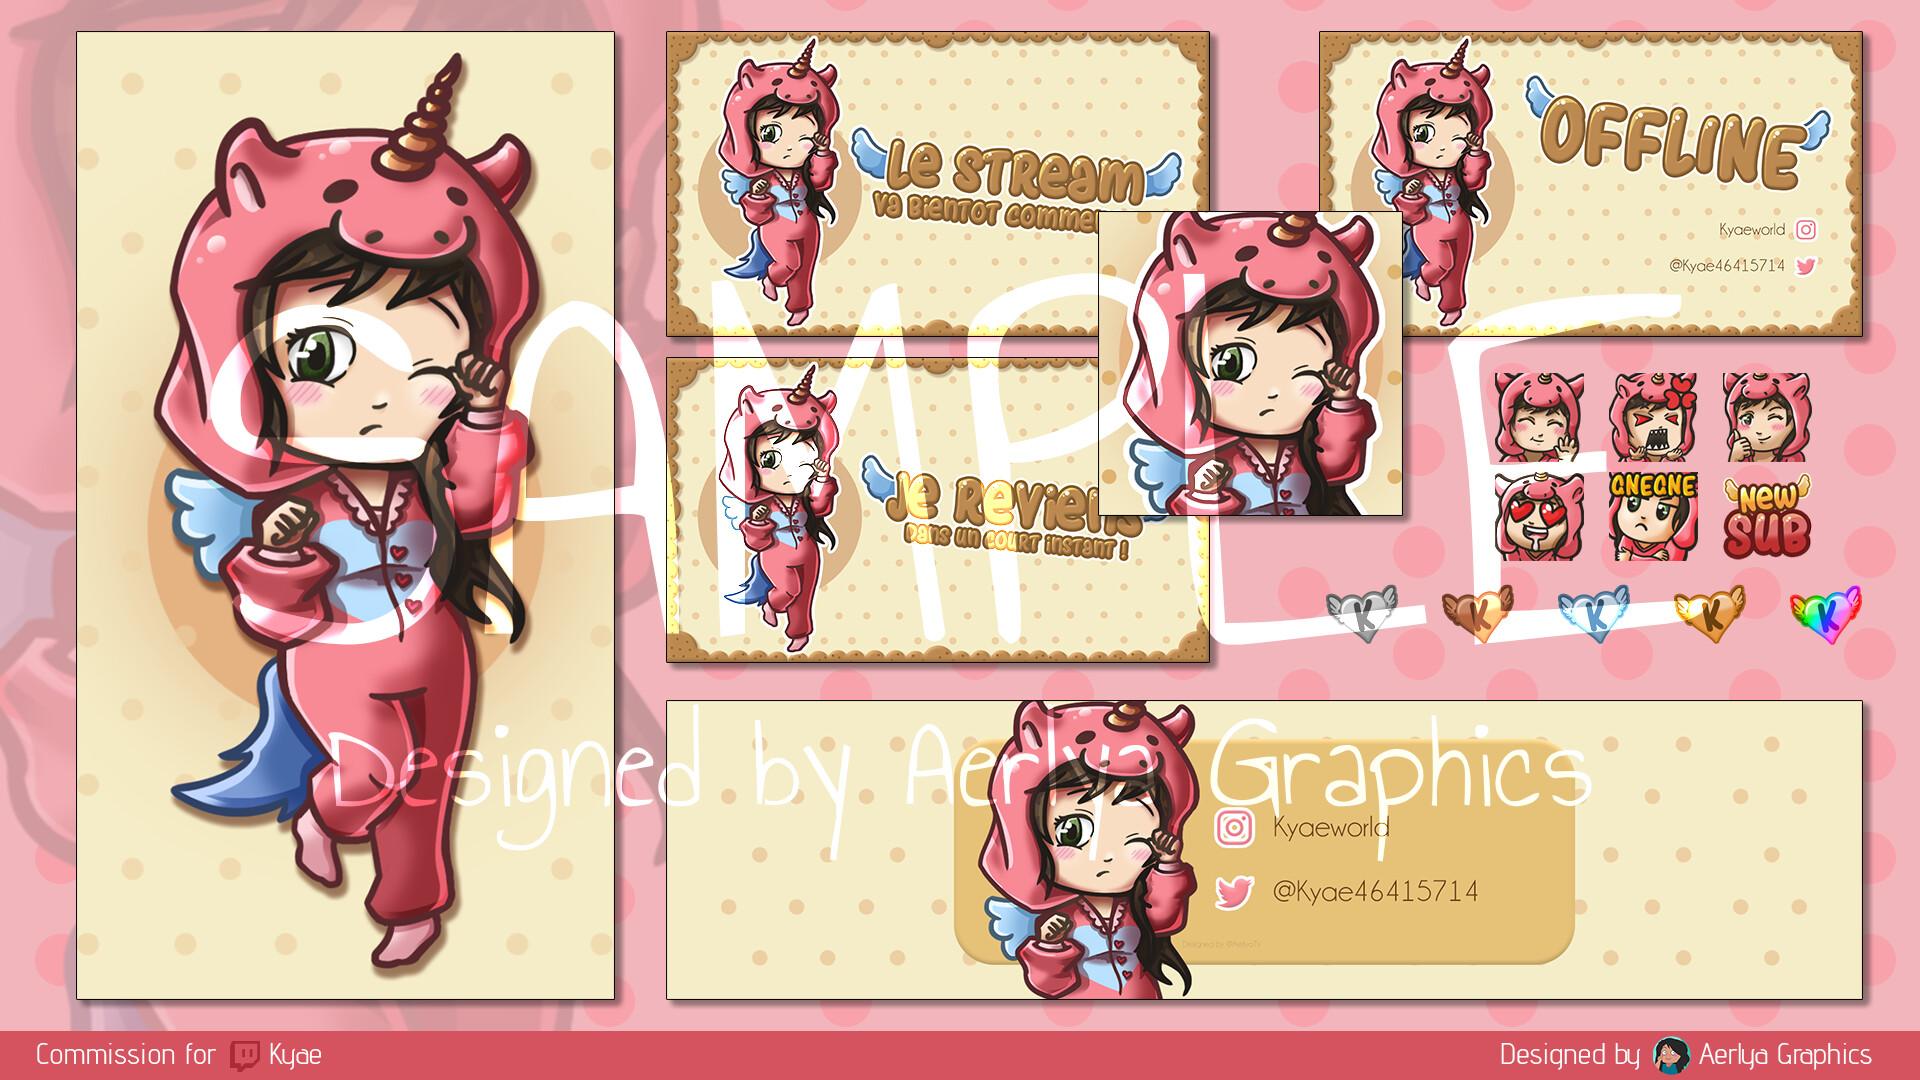 Aerlya graphics sample kyae